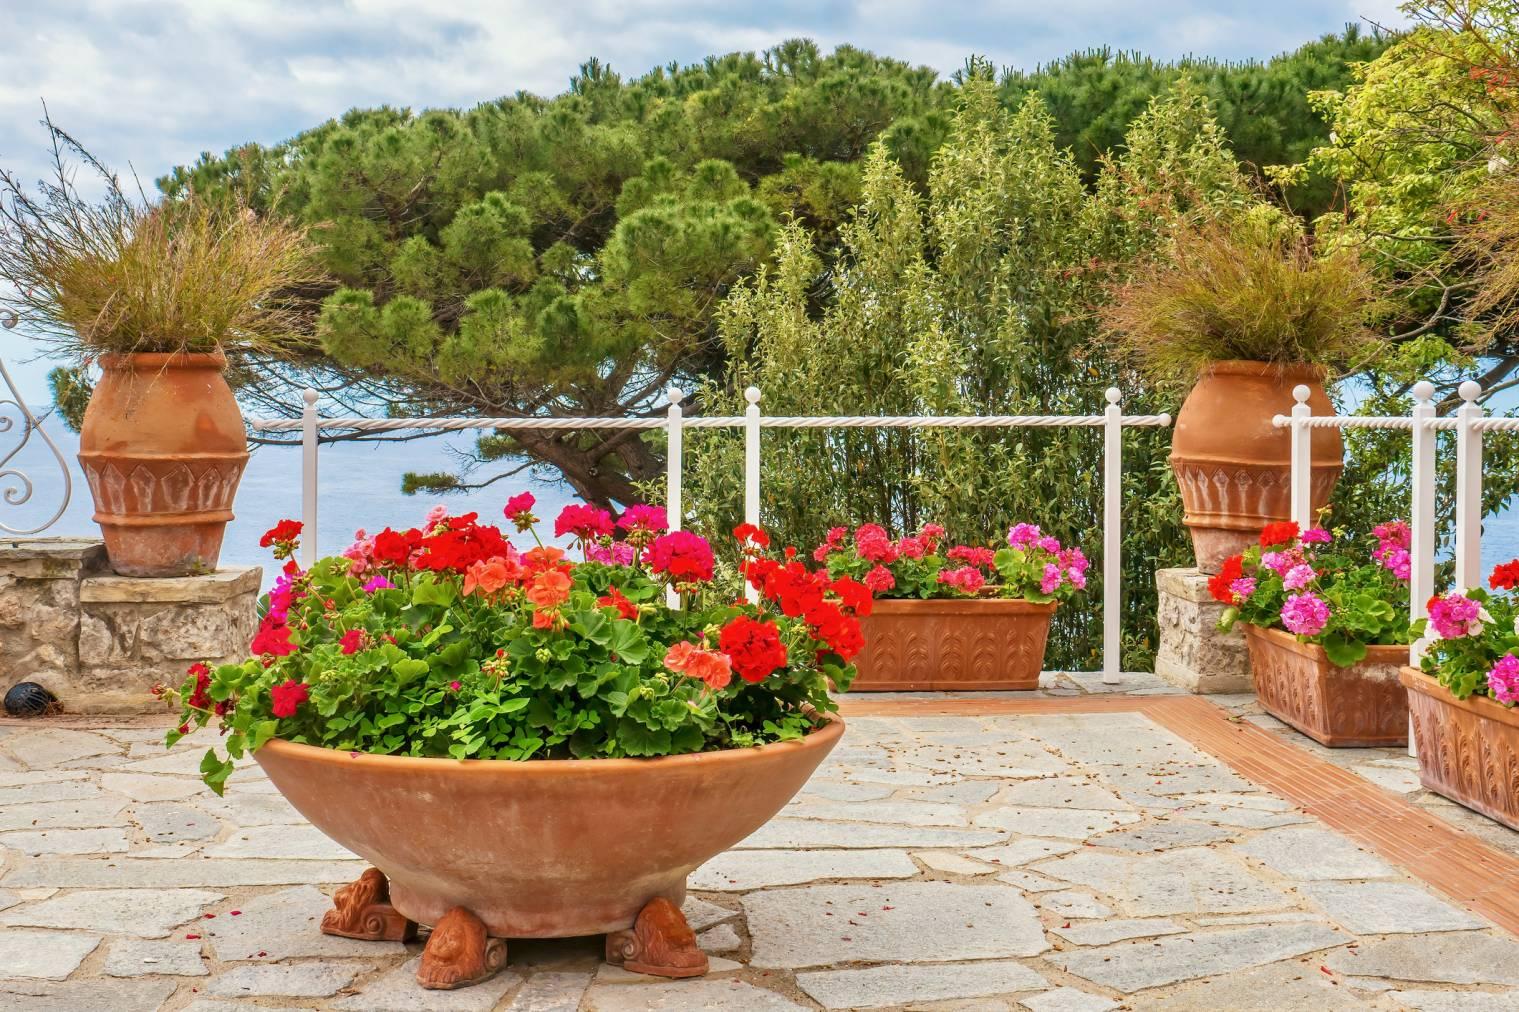 déplacer-pots-de-fleurs-lourds-solutions